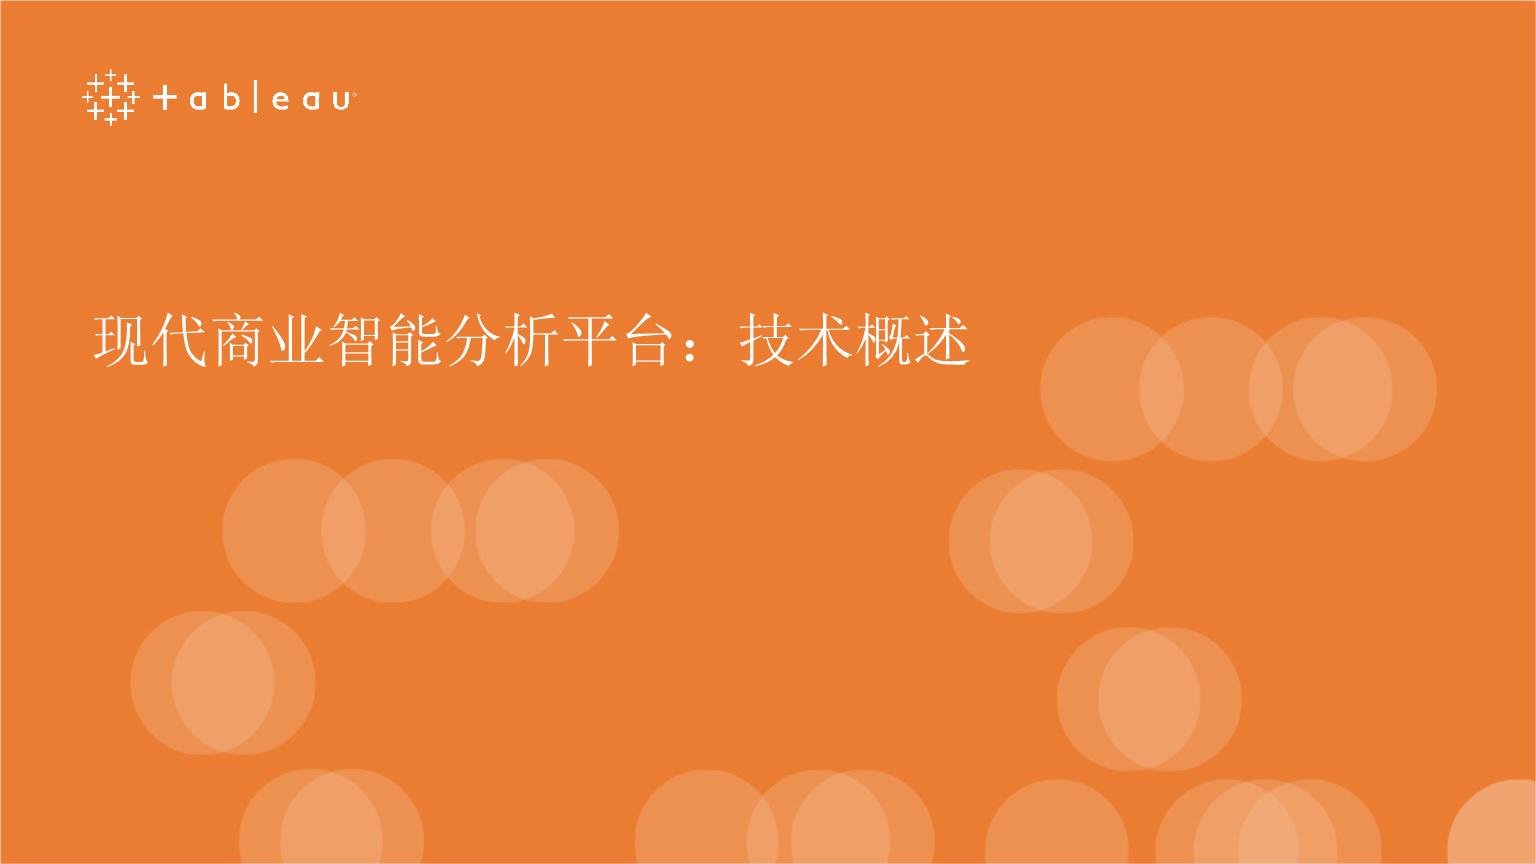 -现代商业智能分析平台技术概述